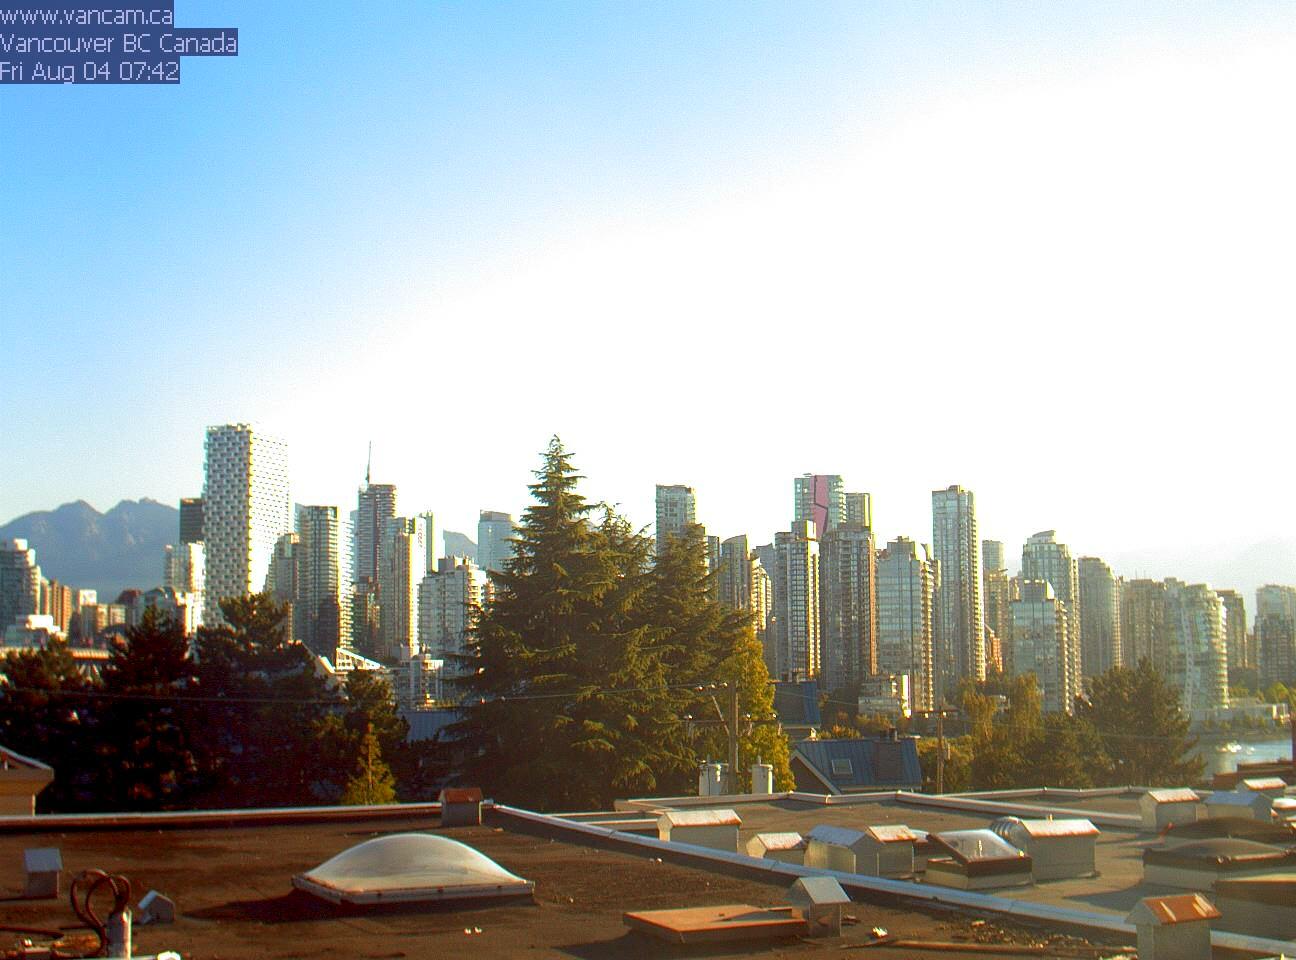 Vancouver Sa. 07:45